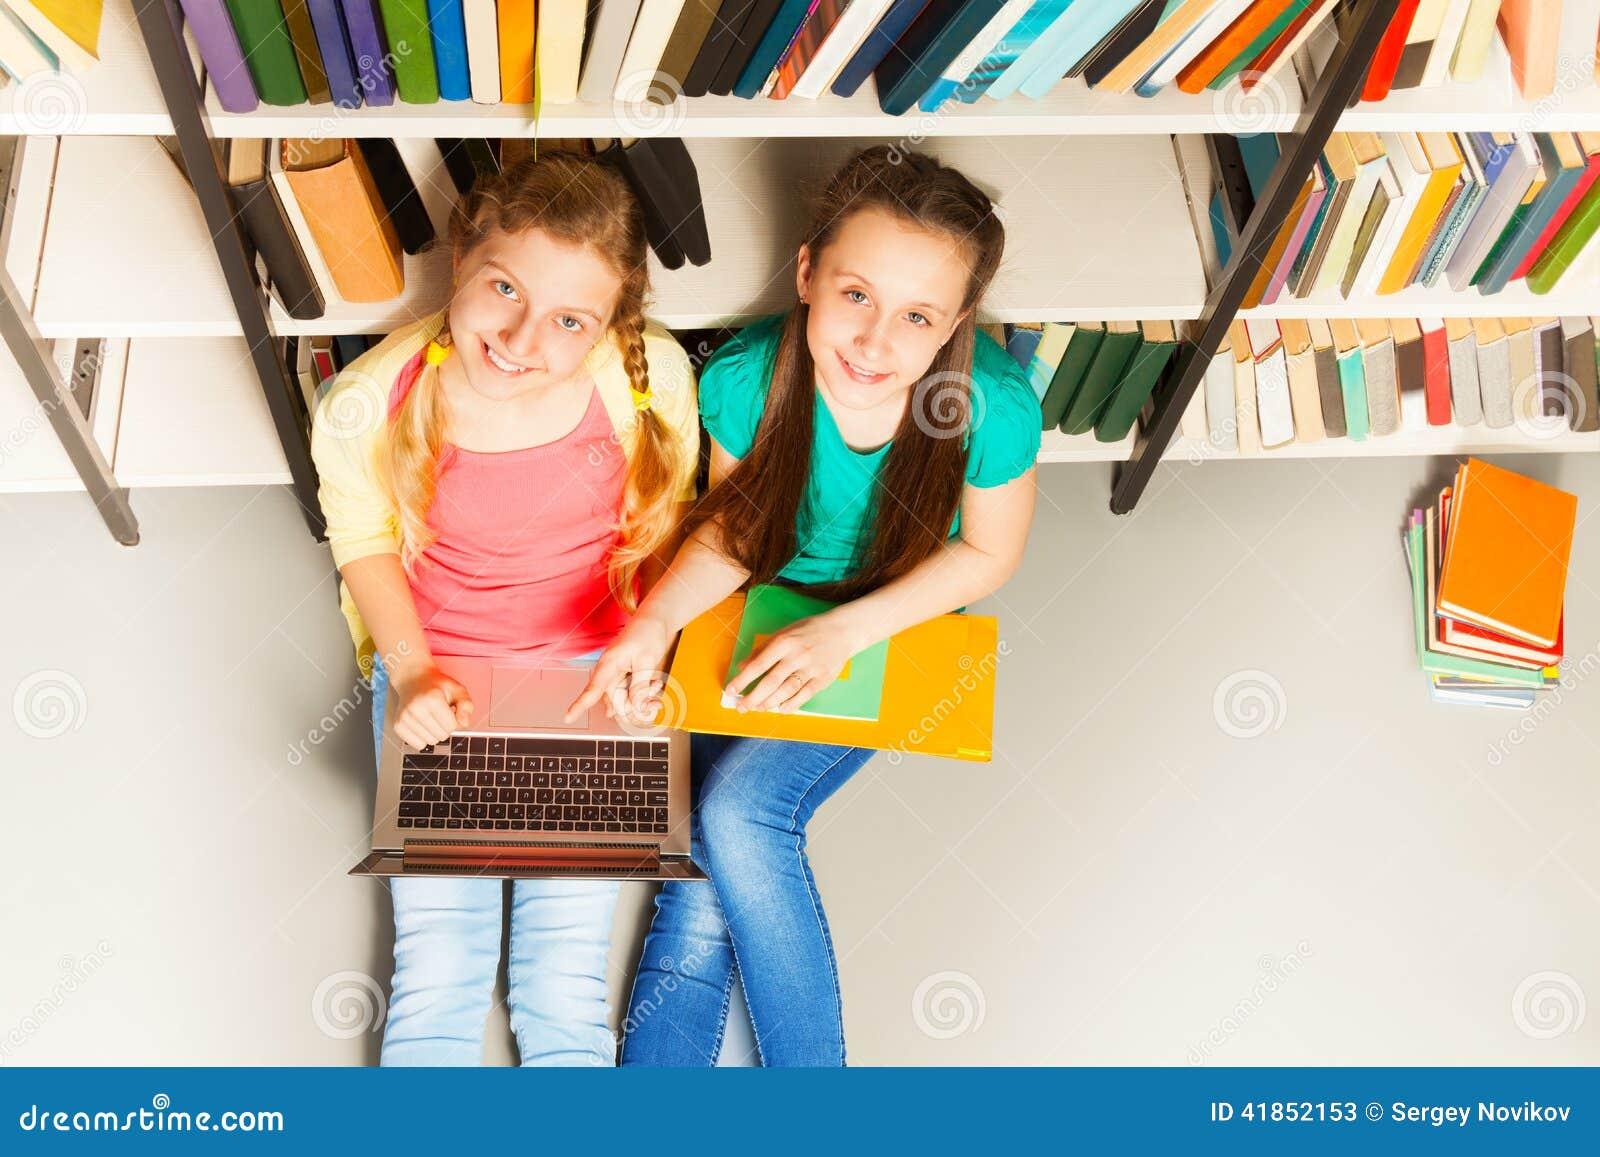 Две девки сверху — img 13